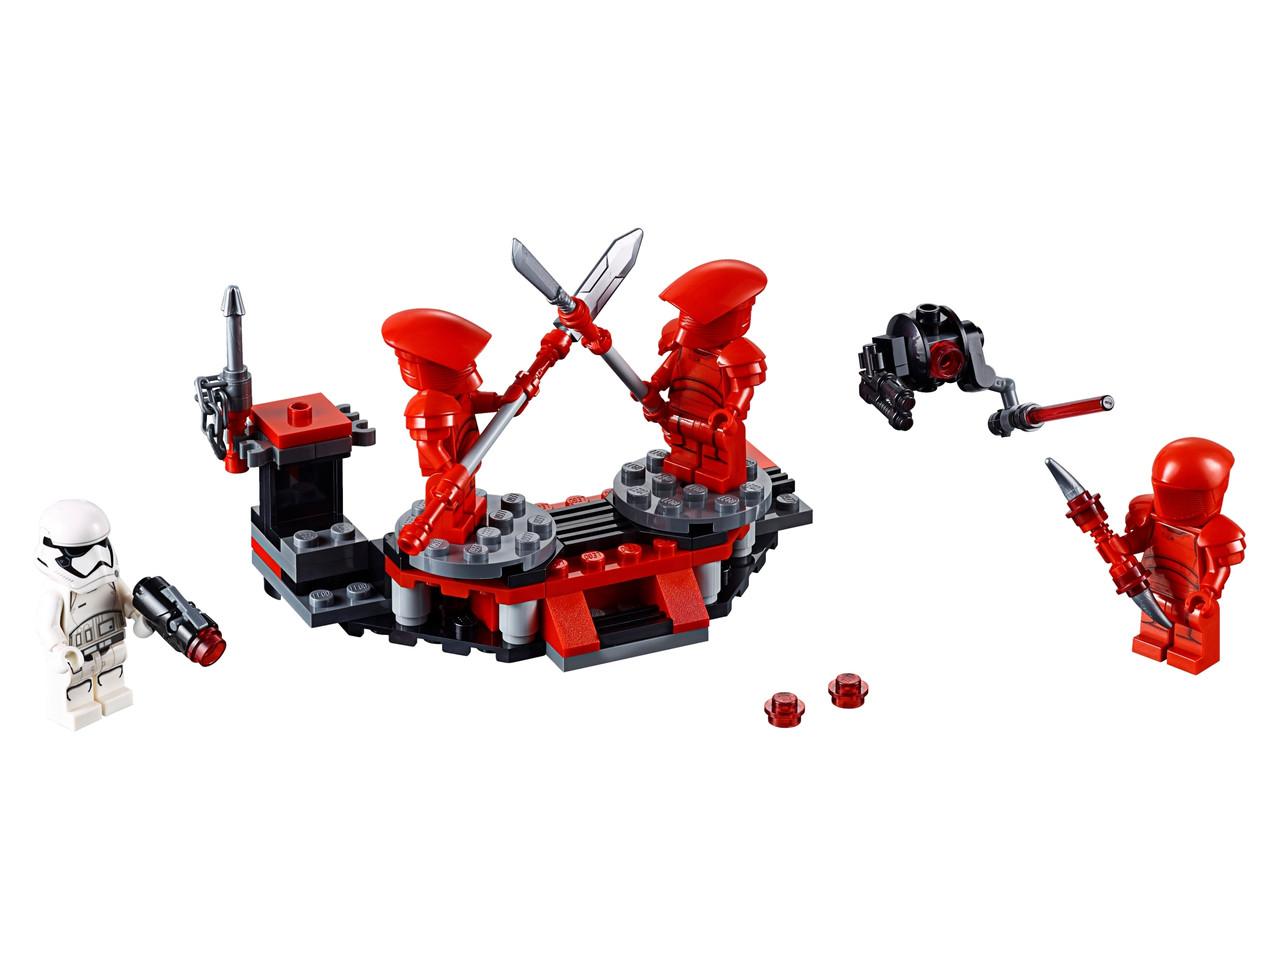 Конструктор LEGO Бойовий набір Елітної преторіанської гвардії 109 деталей (75225)